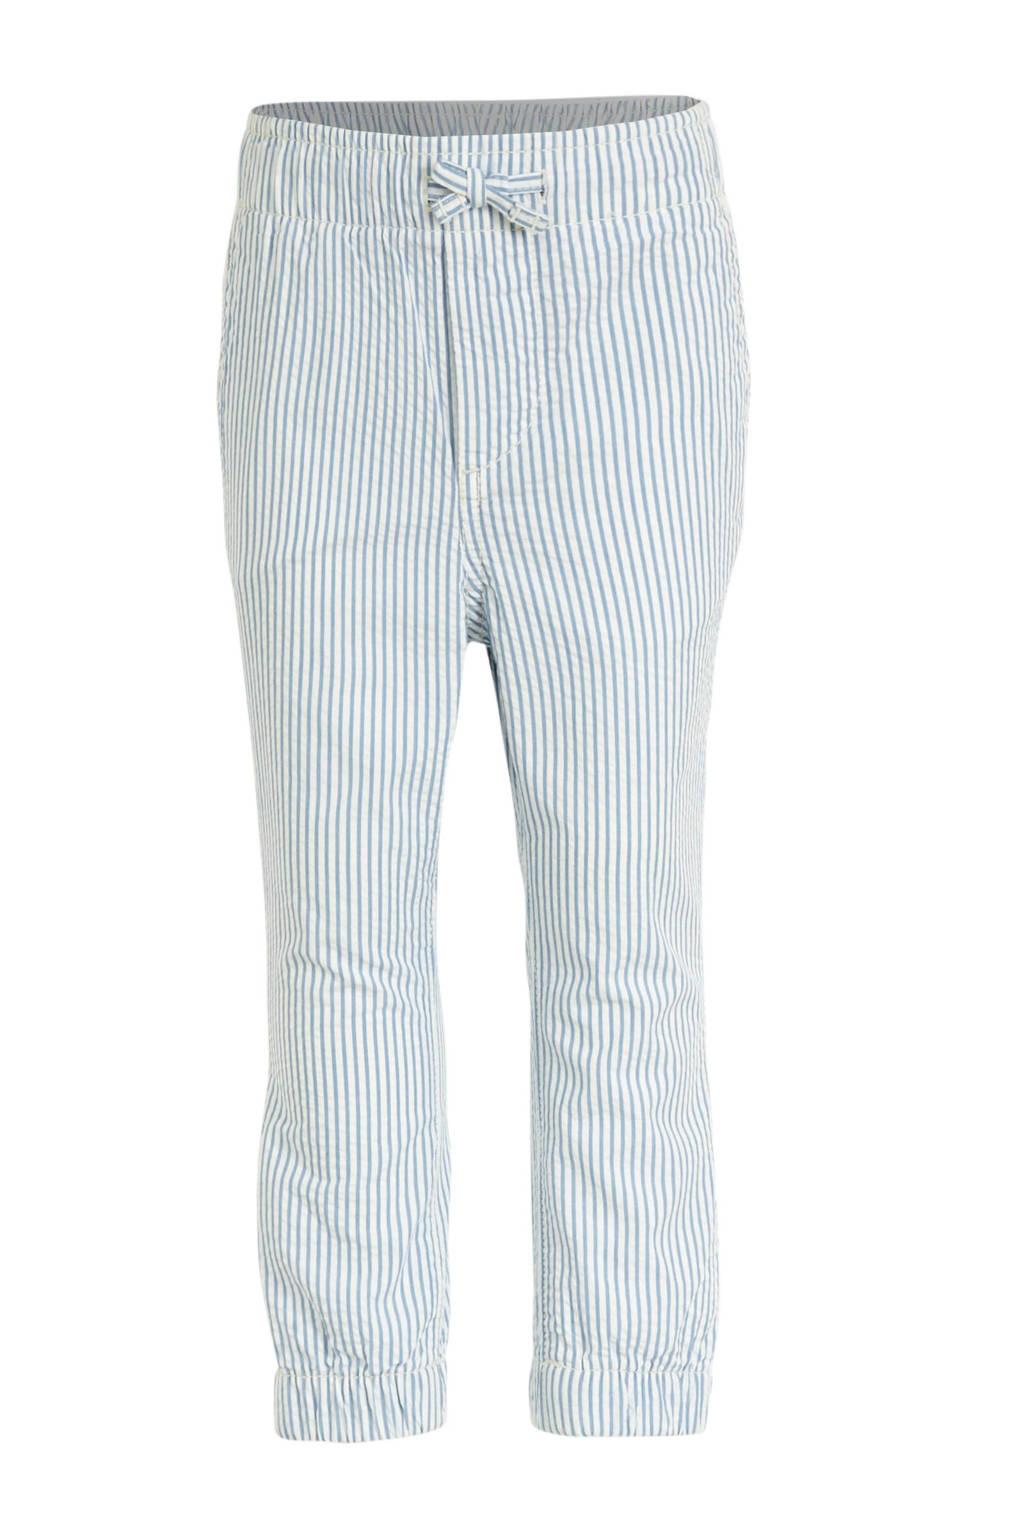 GAP gestreepte broek lichtblauw/wit, Lichtblauw/wit